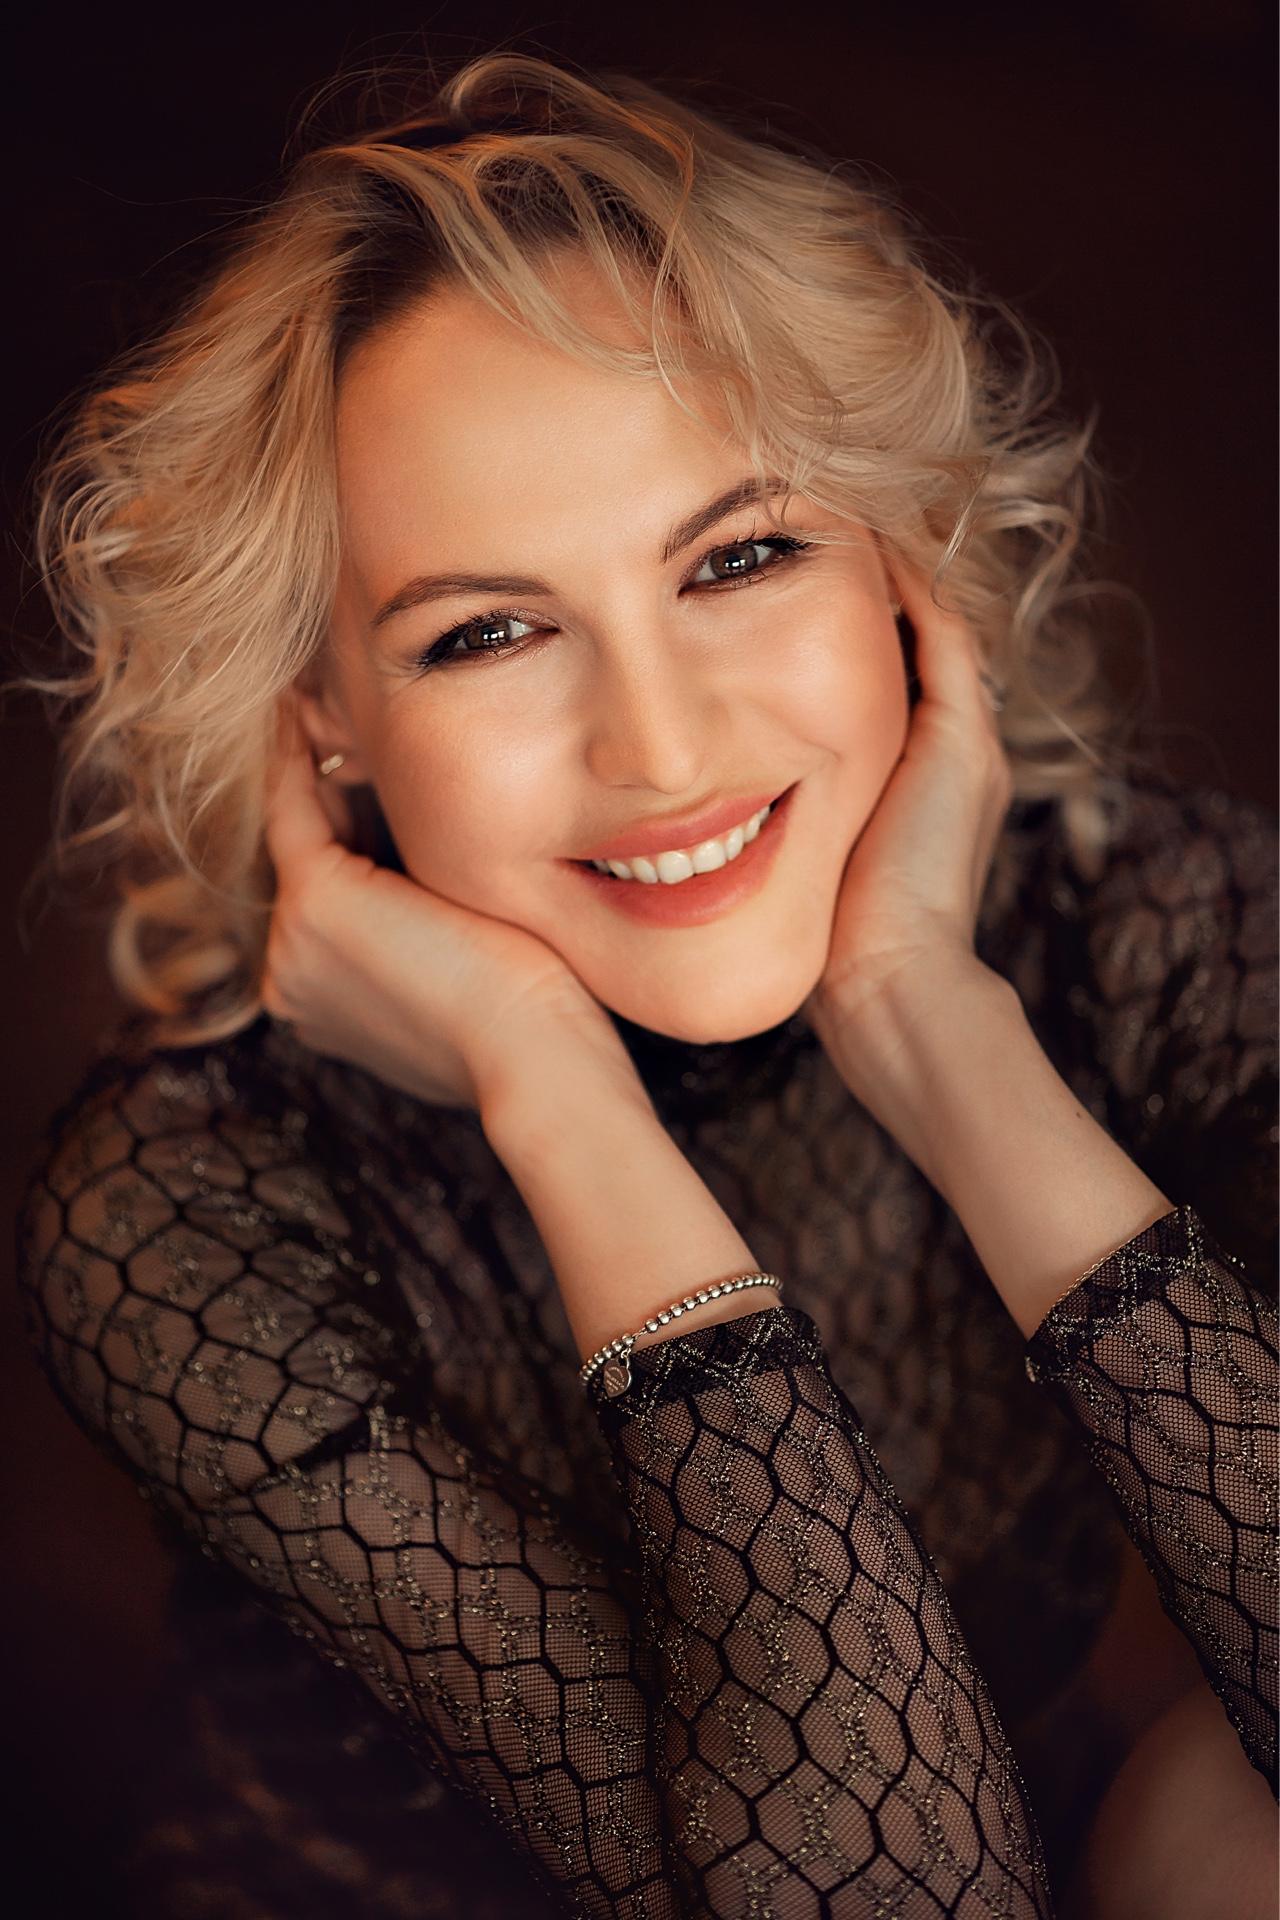 Agence matrimoniale rencontre de Tatiana belle femme célibataire de 36 ans, Angers.